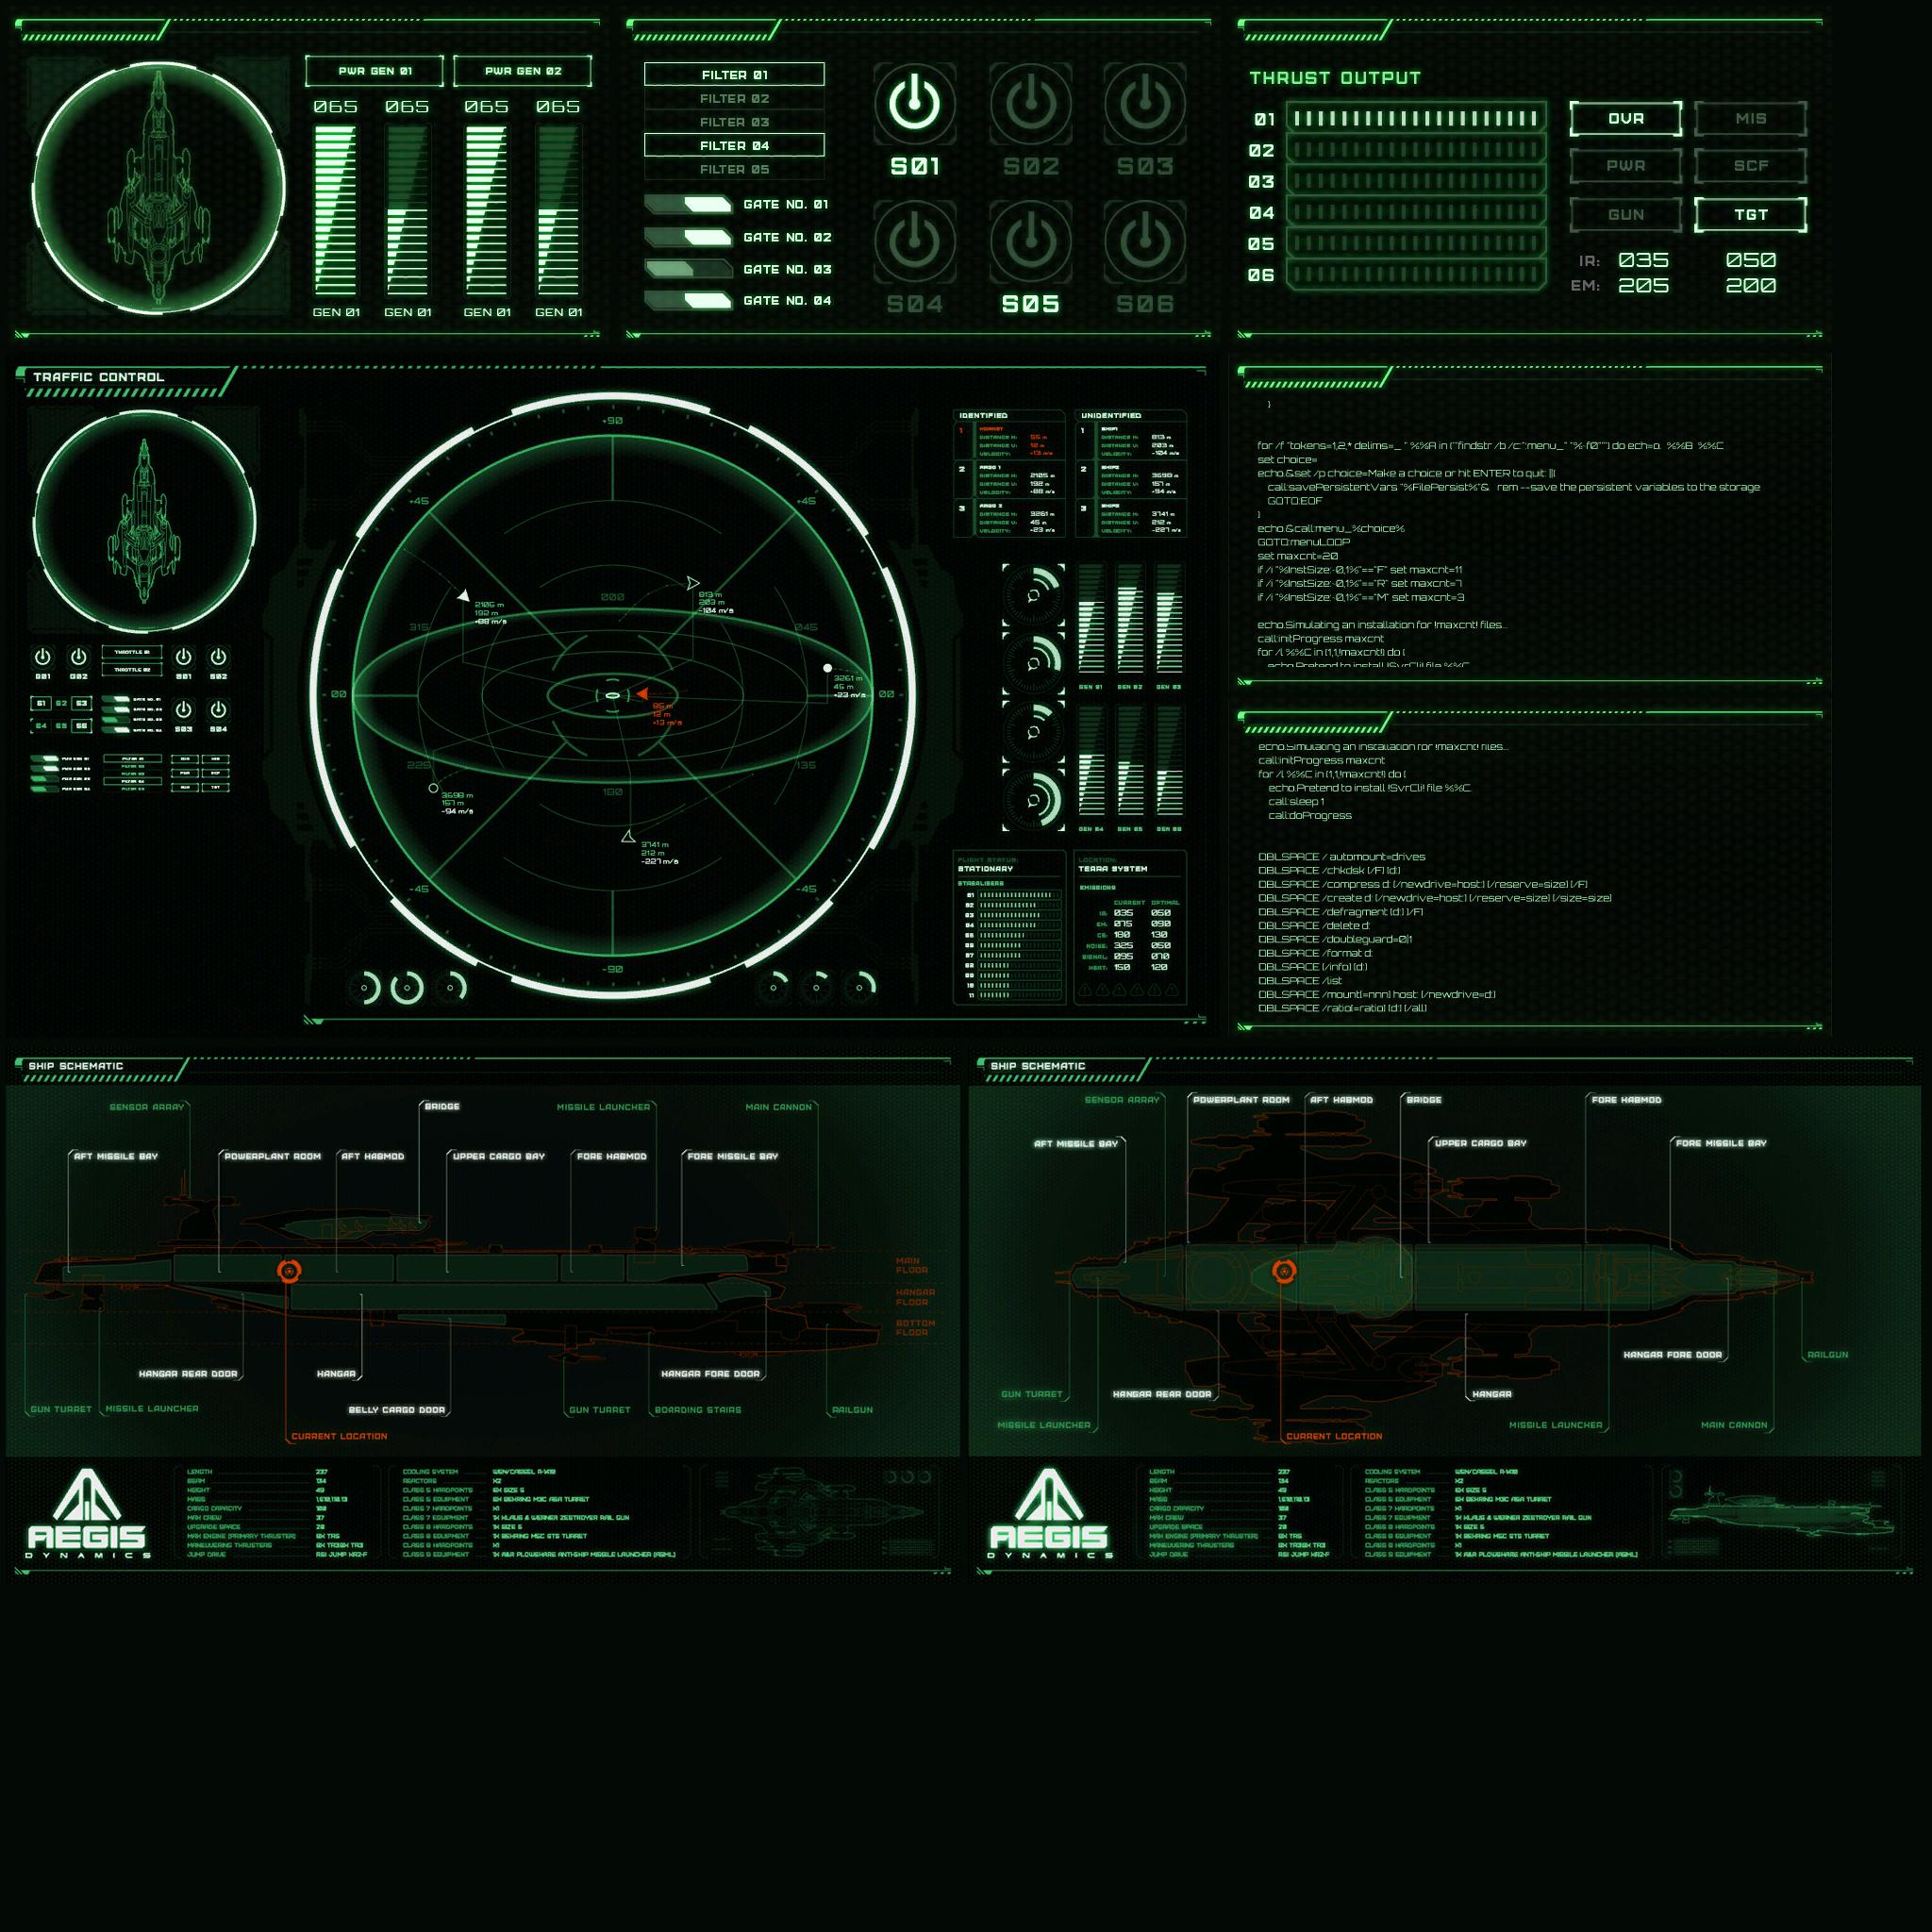 Idris informacje widoczne na ekranach załogi